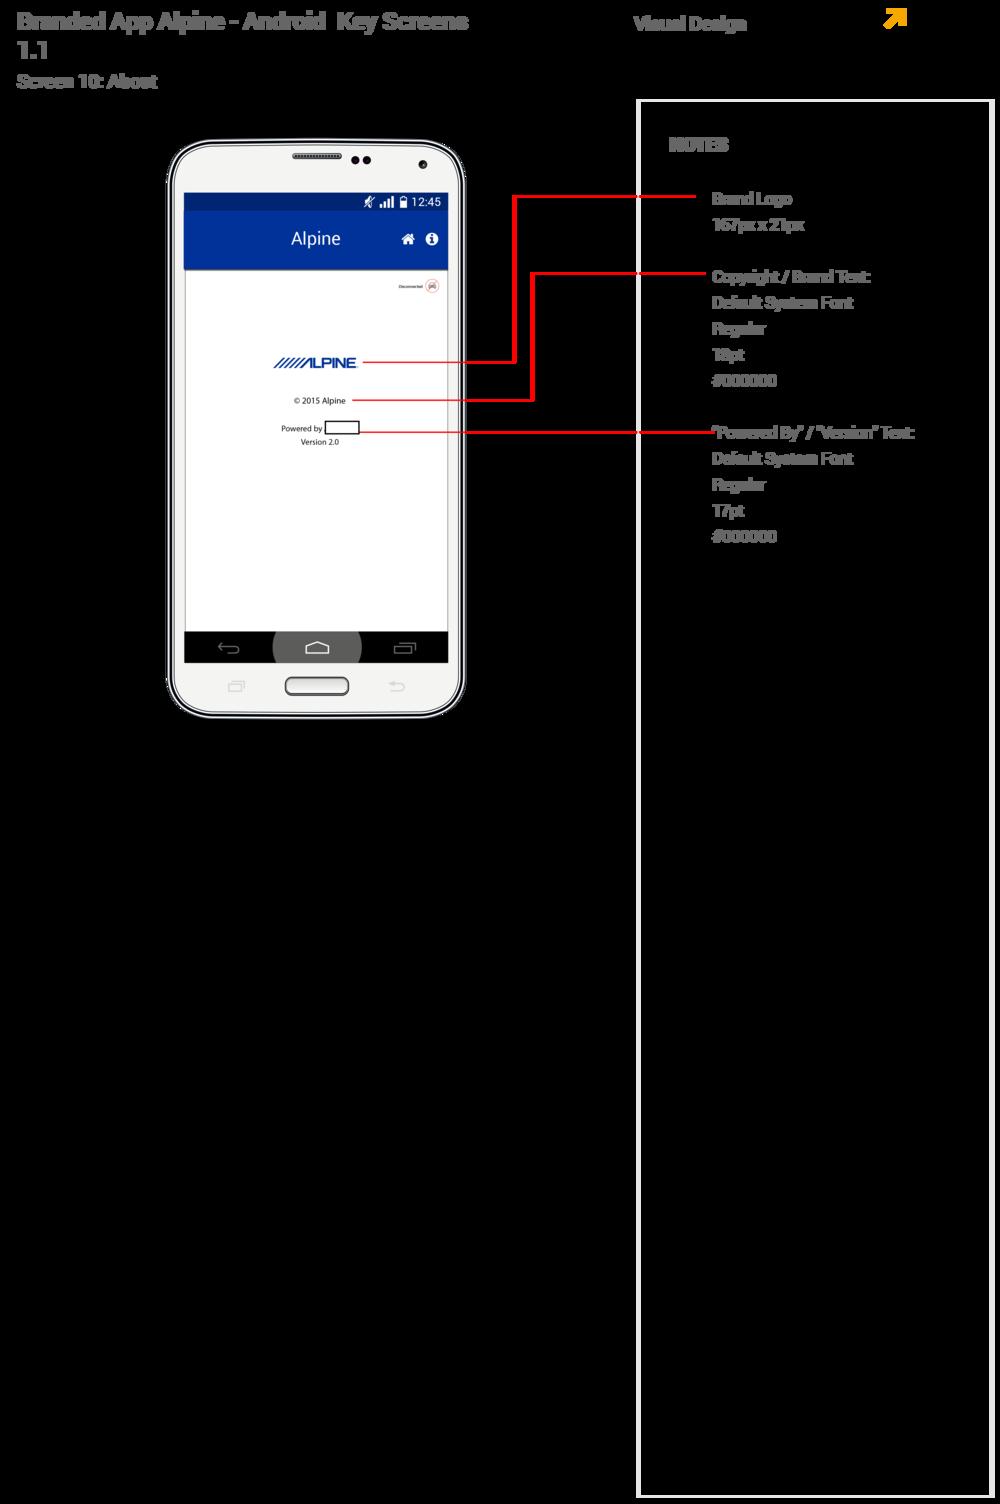 Alpine App_redacted-10.png